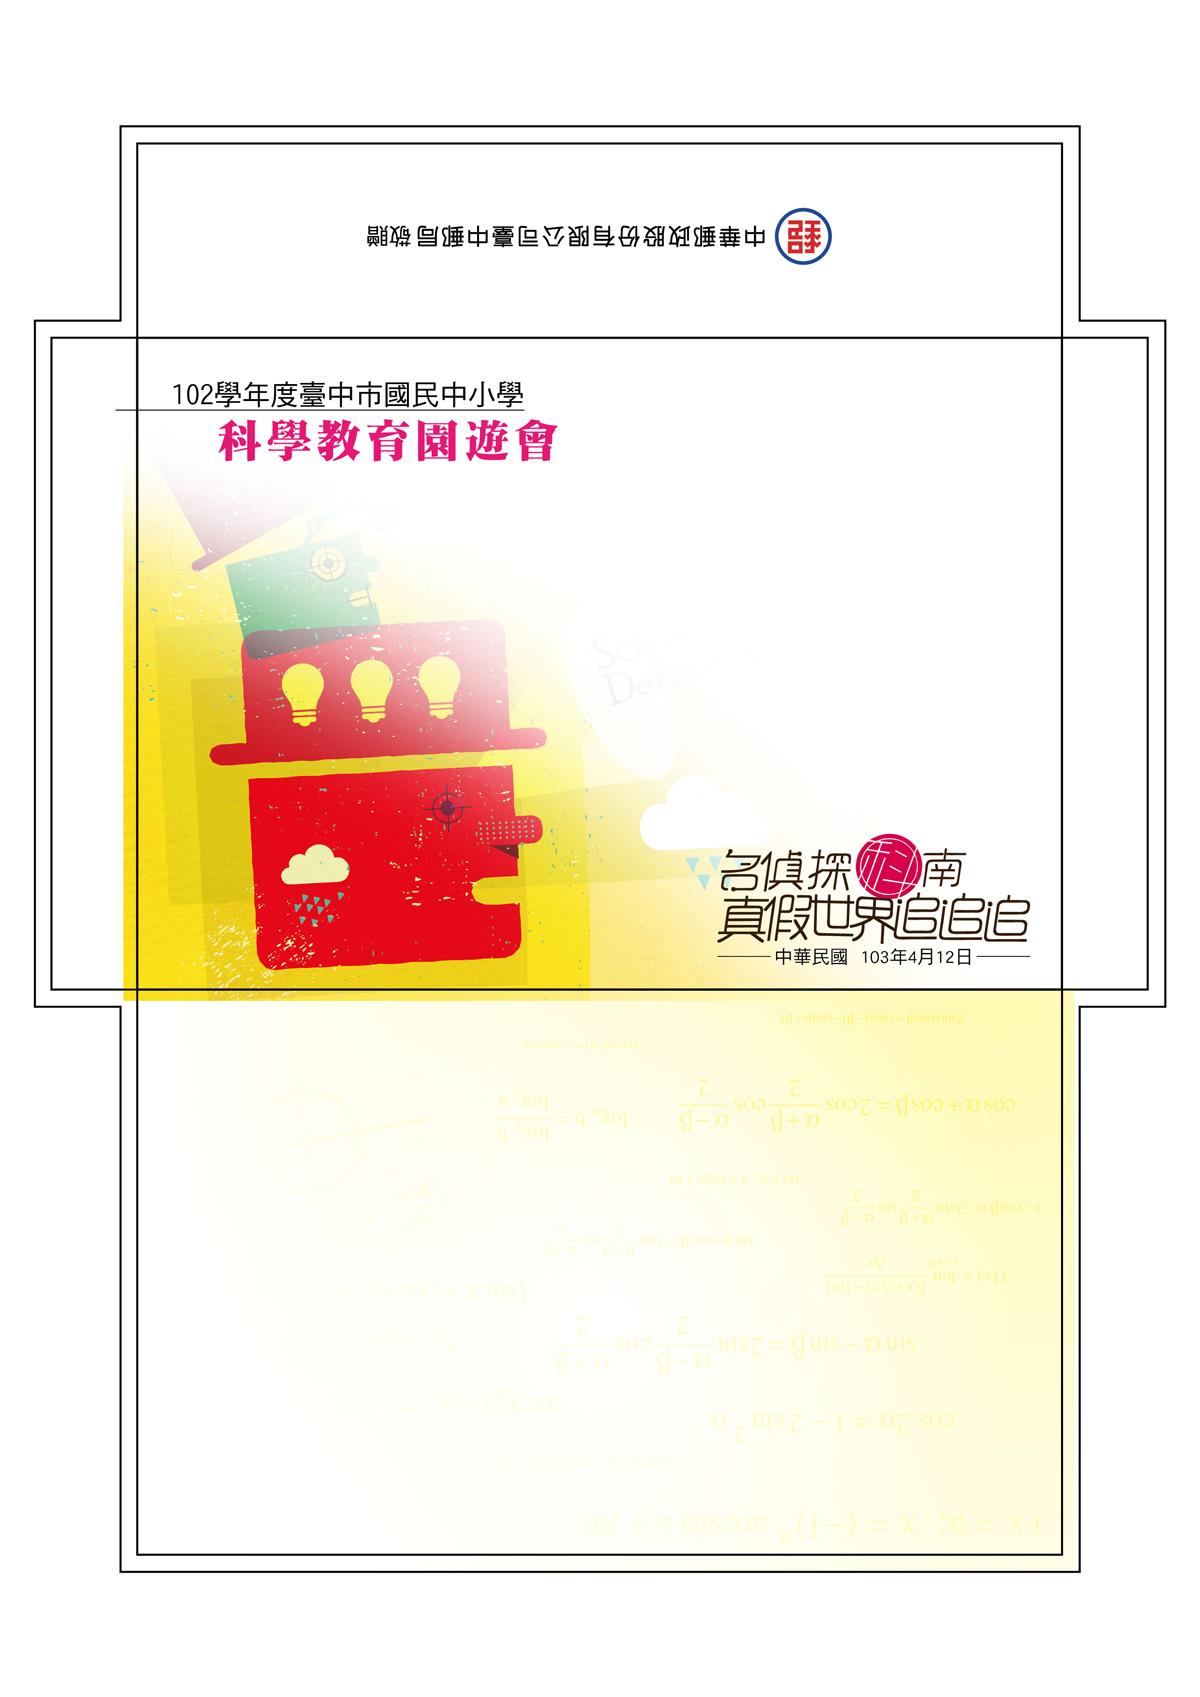 1030412-中小學科學教育園遊會局贈封